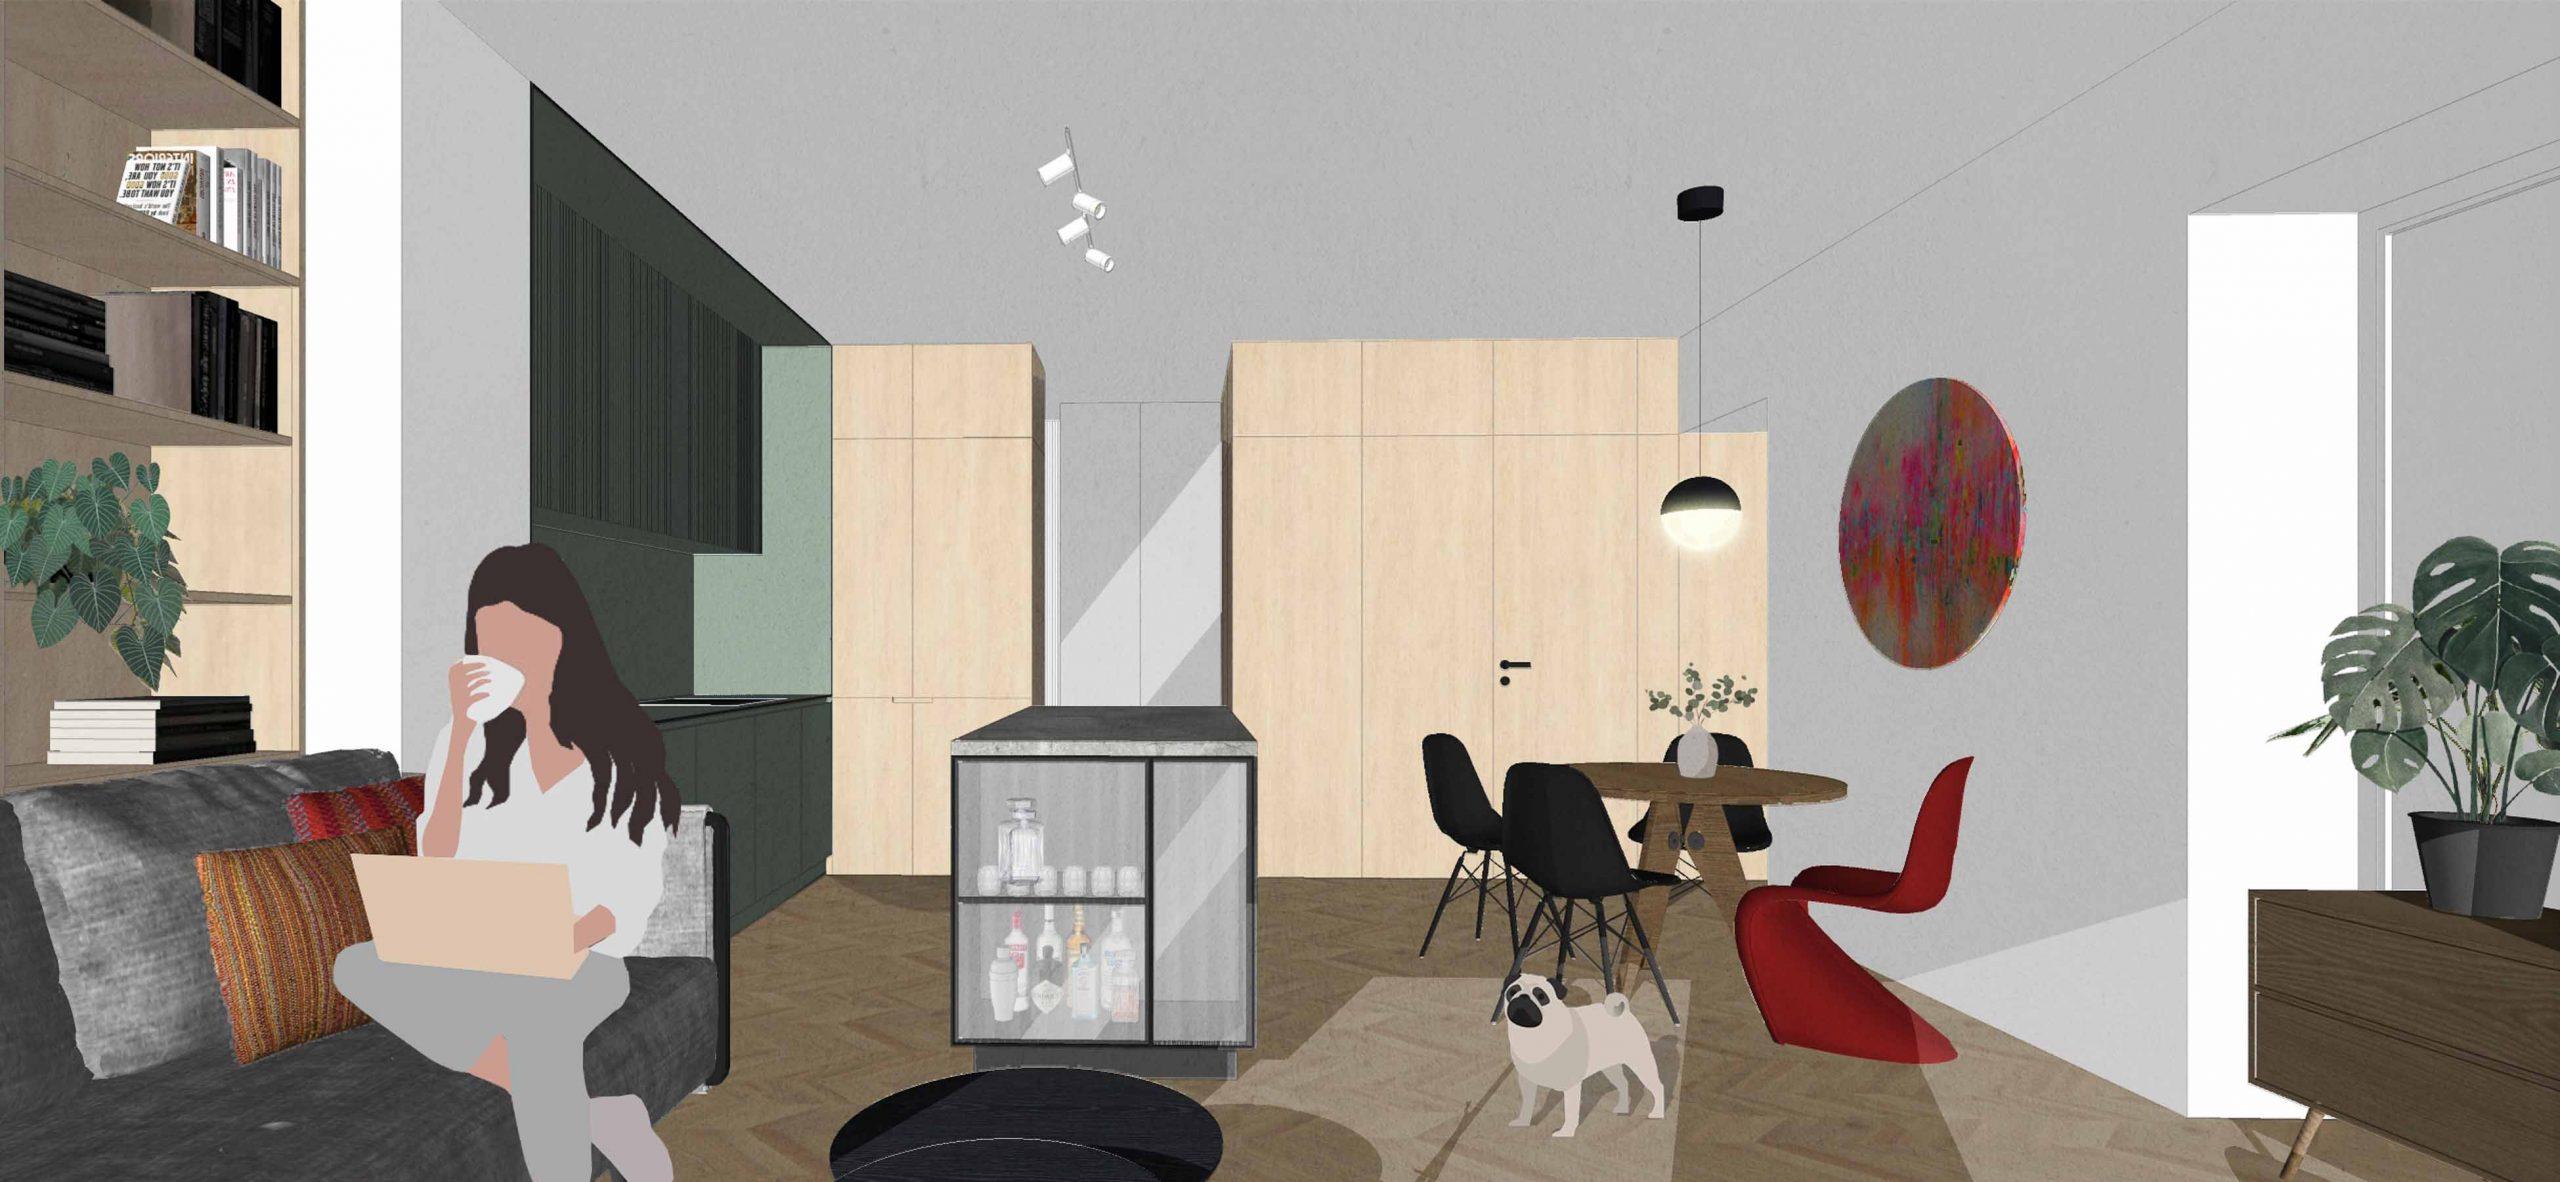 Navrh rekonstrukcie bytu, kuchyna, VAUarchitects